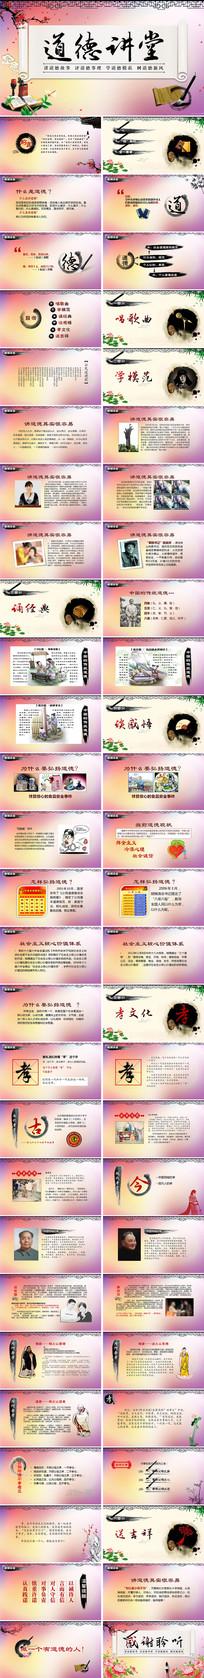 中国风道德讲堂水墨PPT pptx